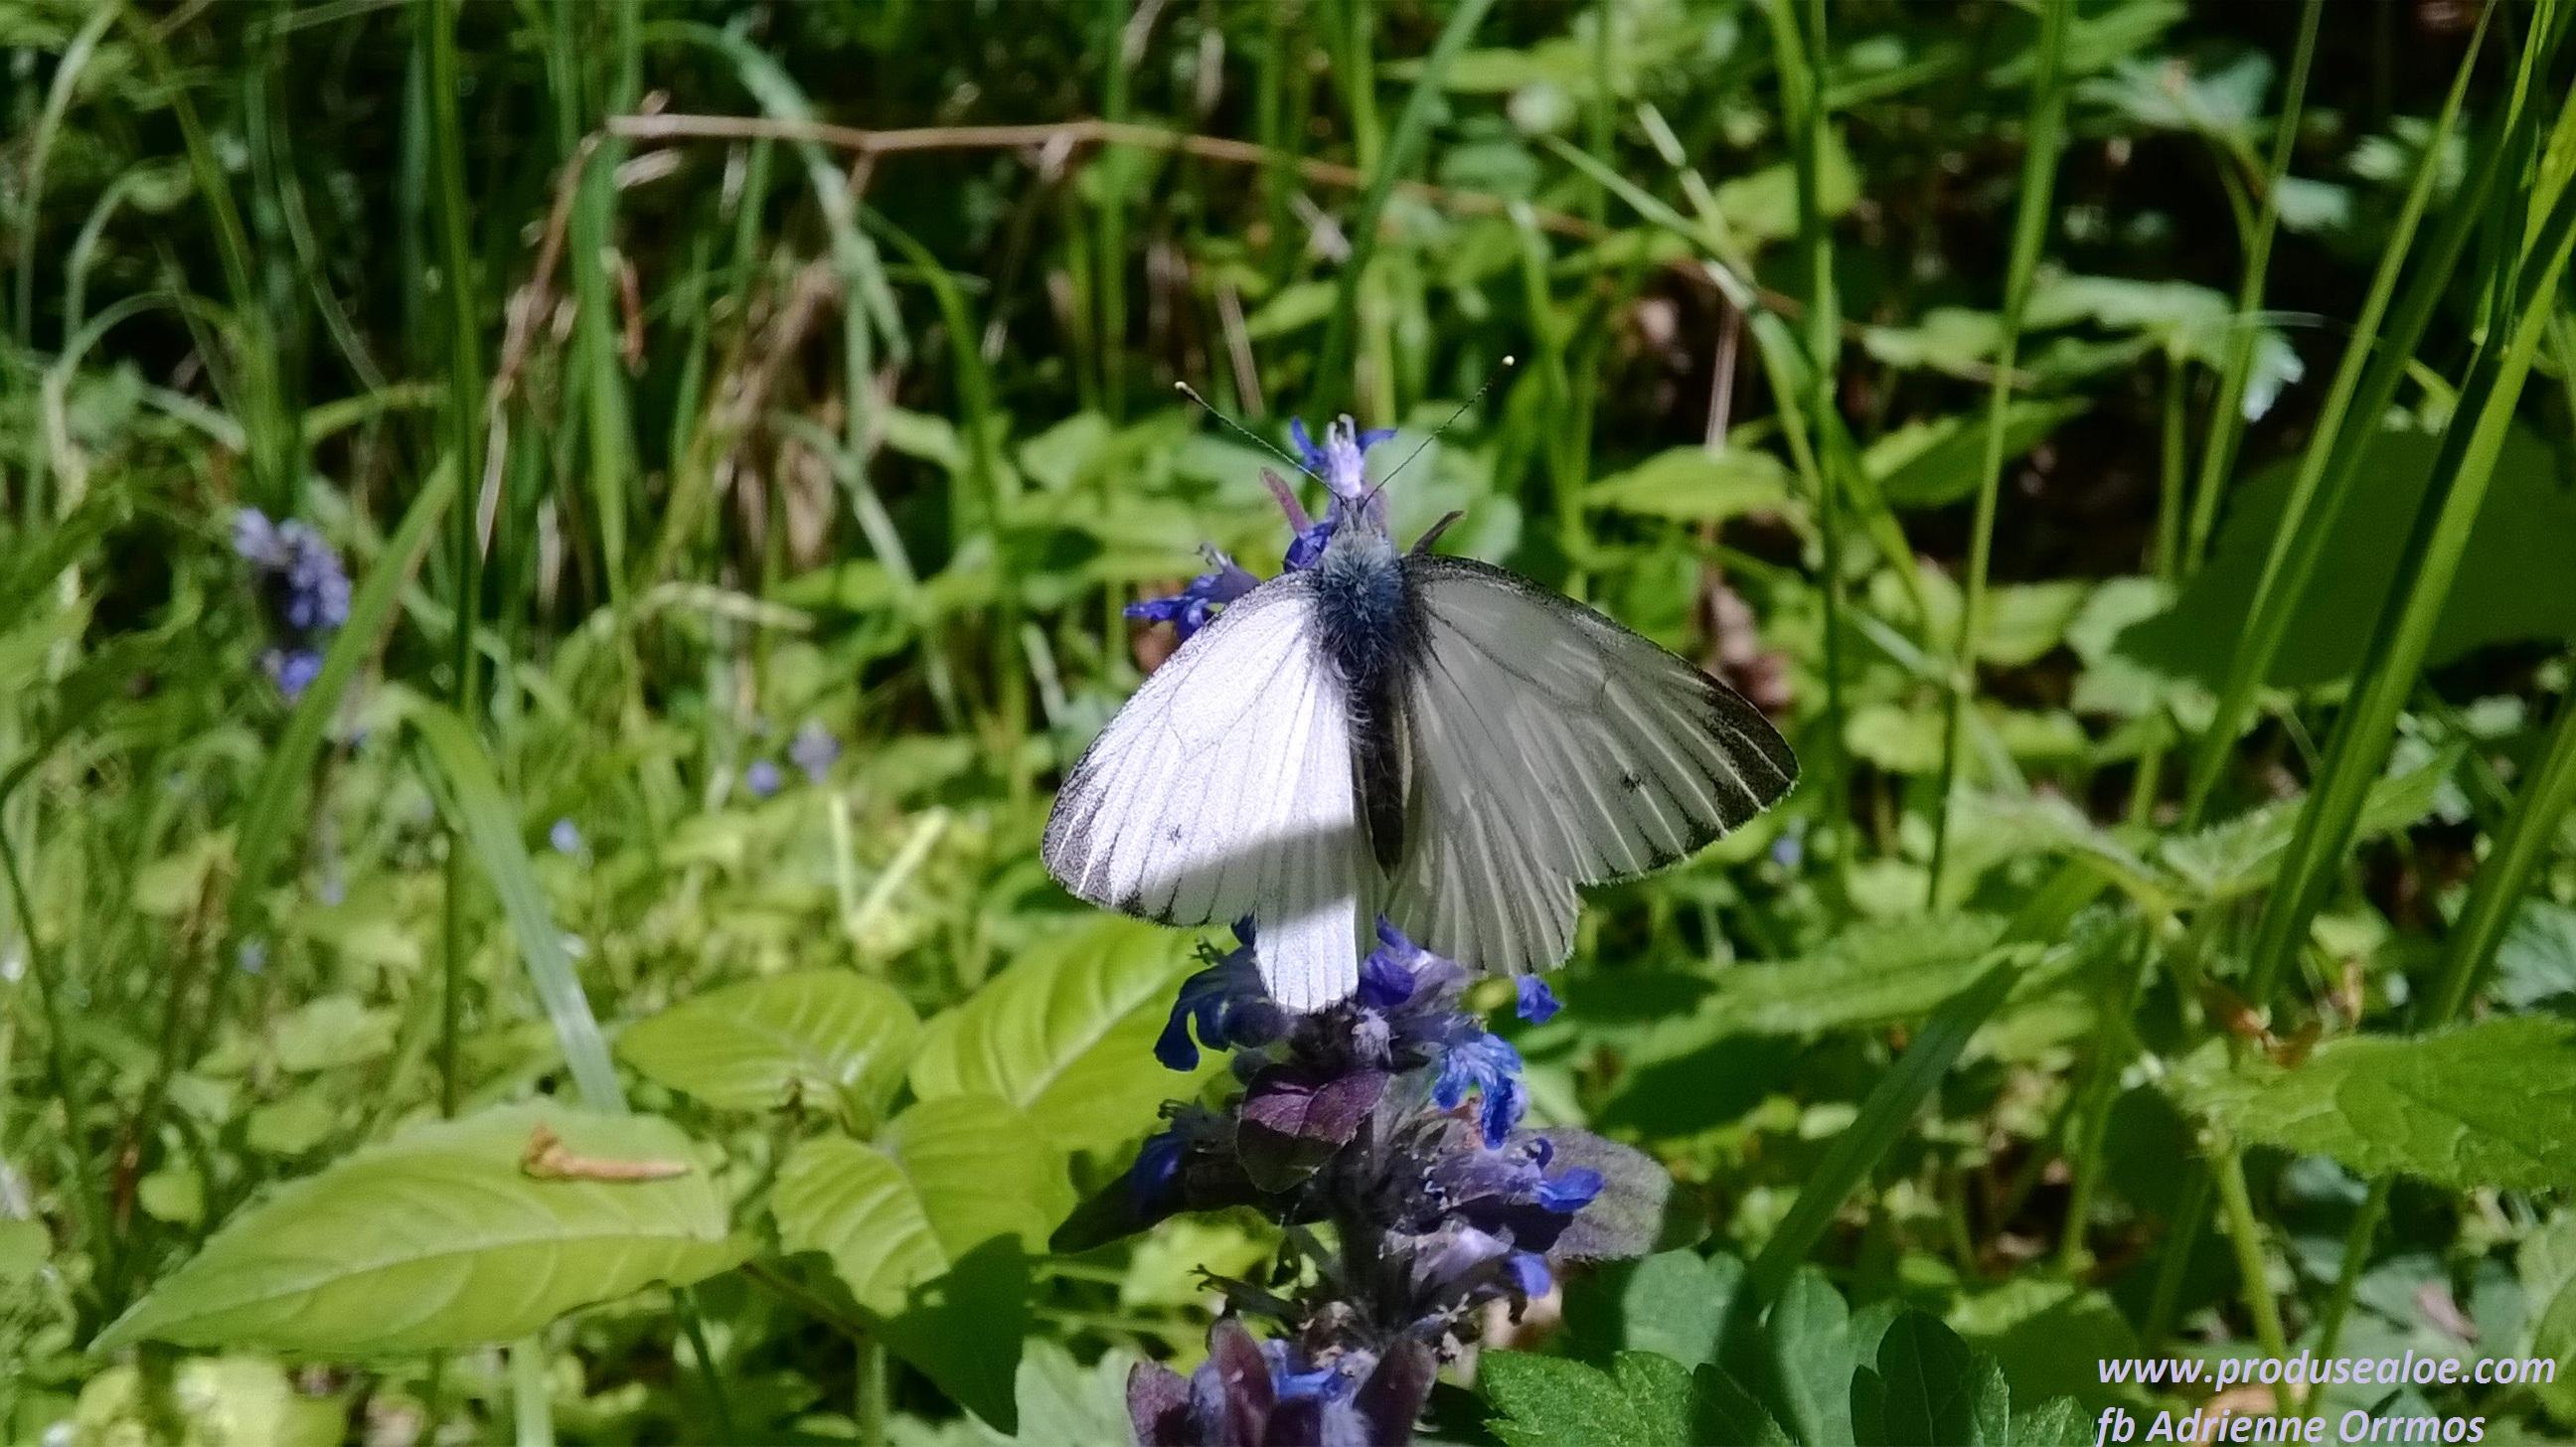 van egy titkos helyem ahova mindig visszajarok locul meu secret unde mereu ma intorc, butterfly, pillango, fluture